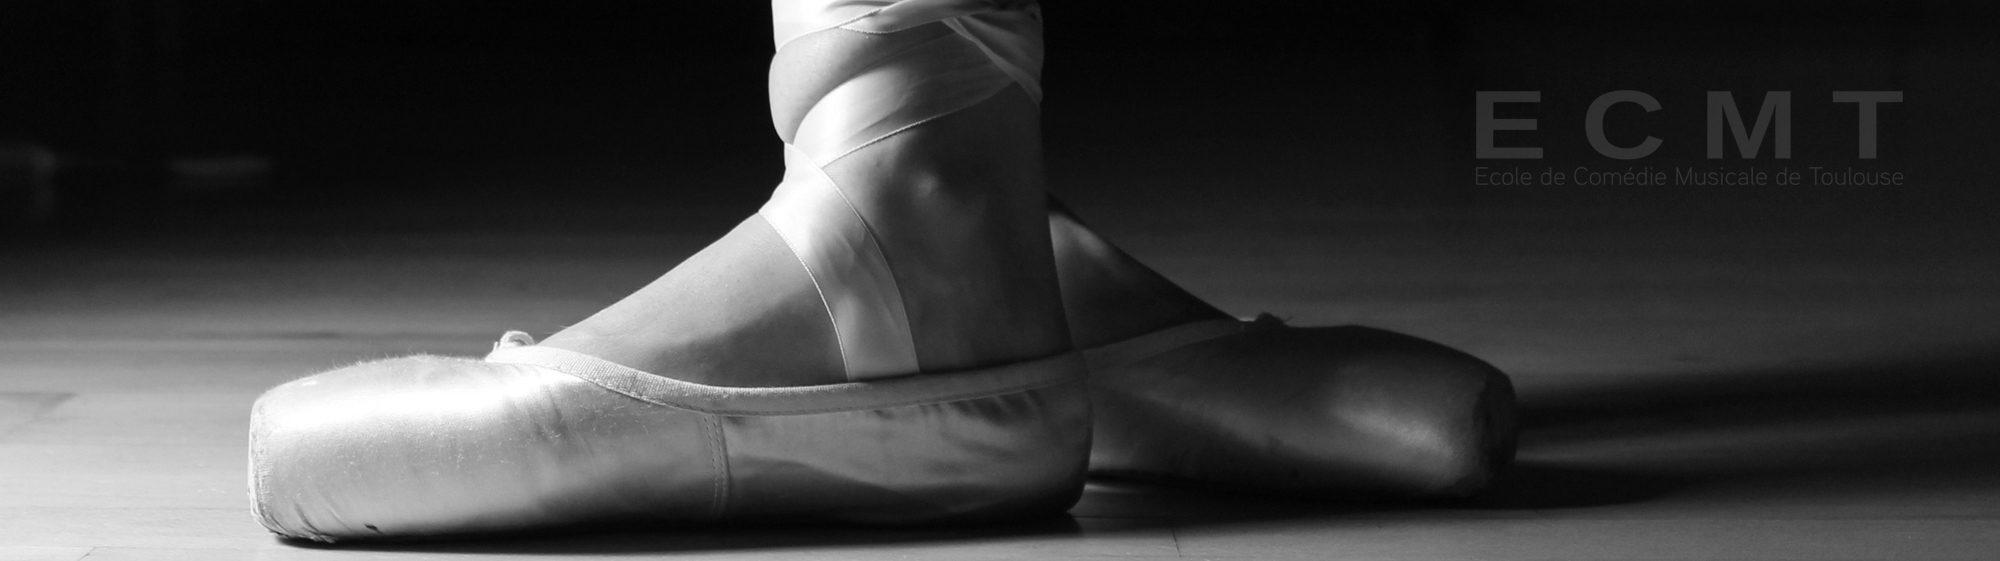 chausson danse classique noir blanc